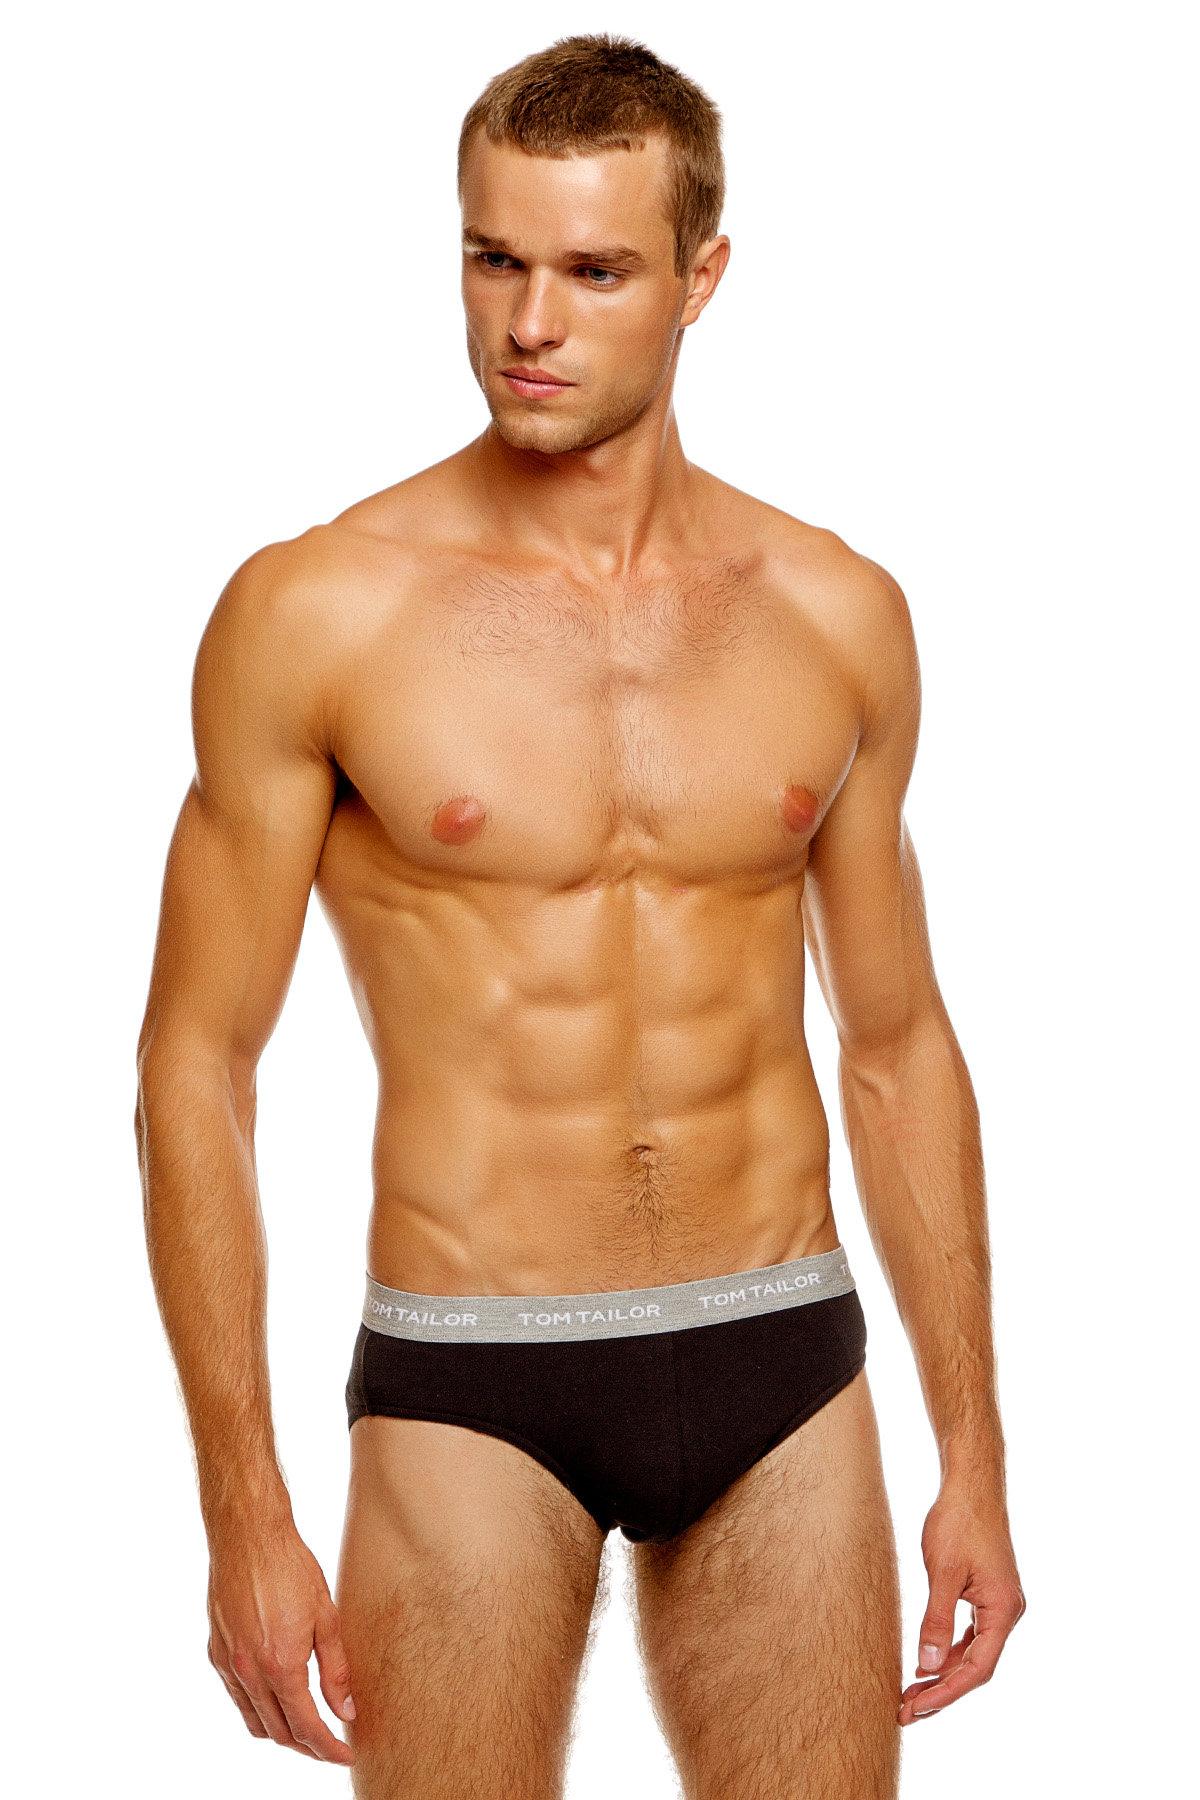 Жаргон фото моделей в нижнем мужском белье вылизывание